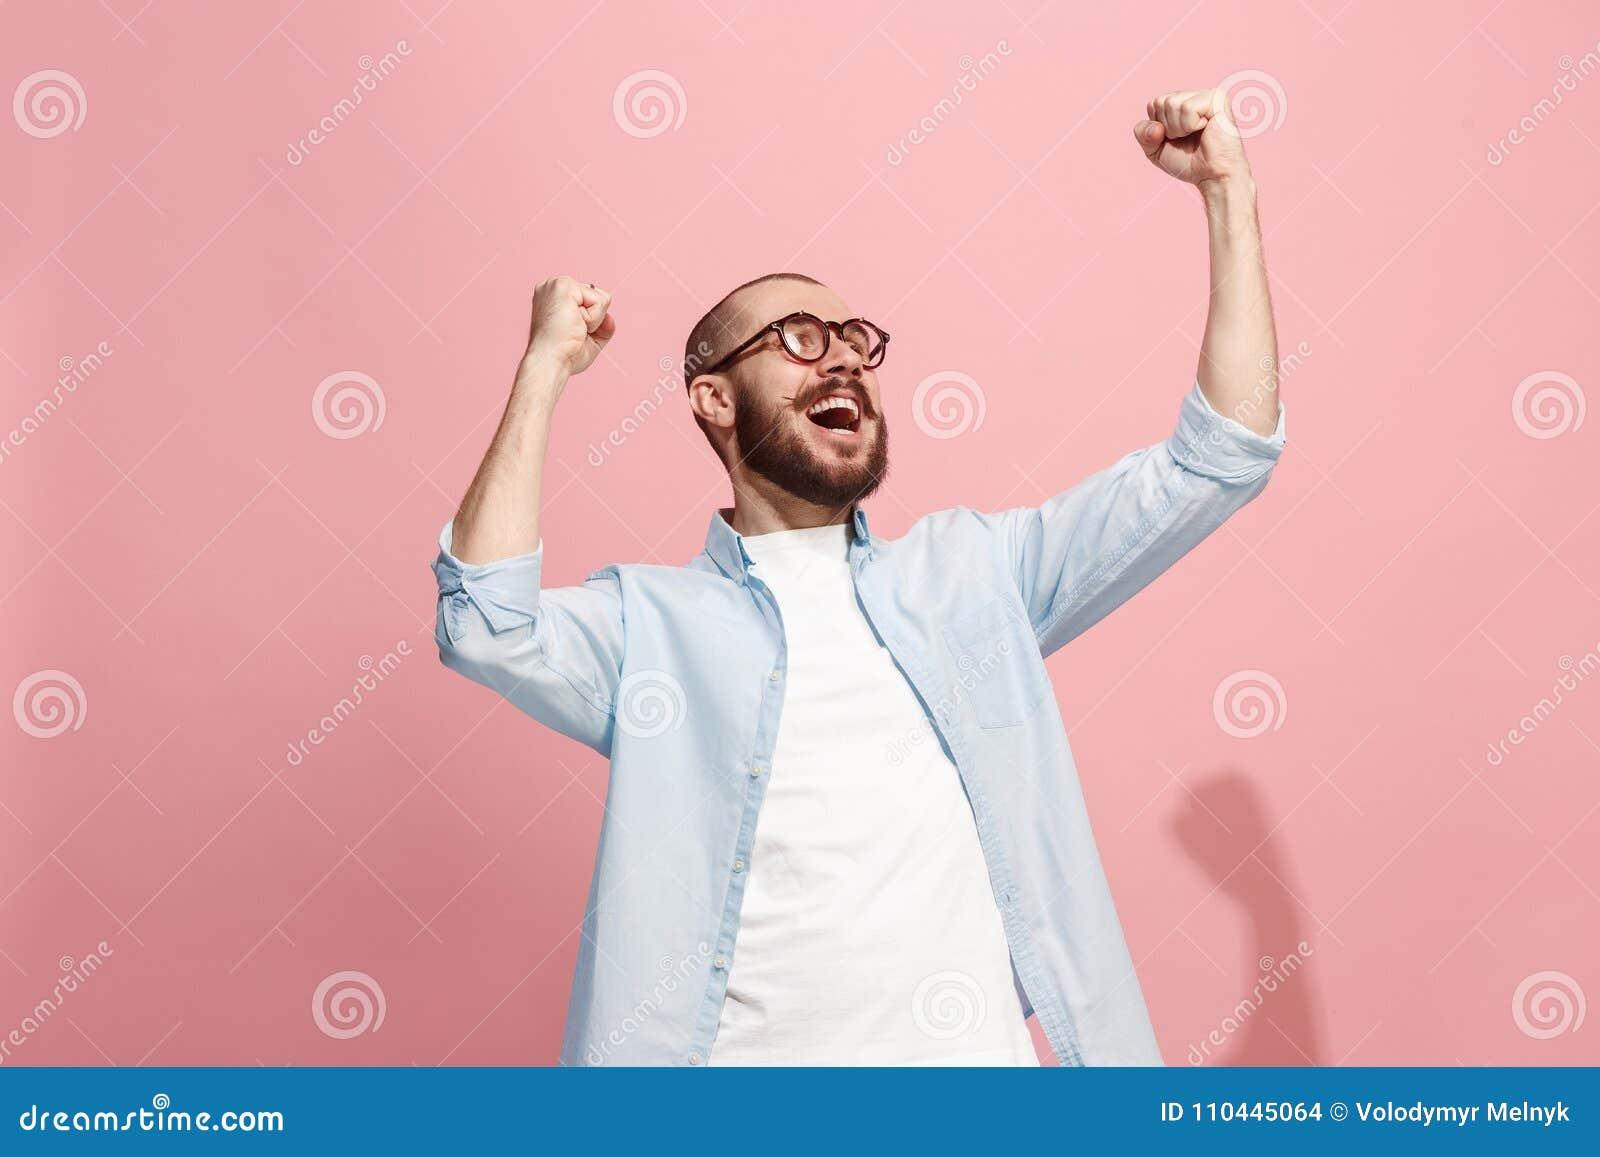 El éxito que gana sirve la celebración extática feliz siendo un ganador Imagen enérgica dinámica del modelo masculino